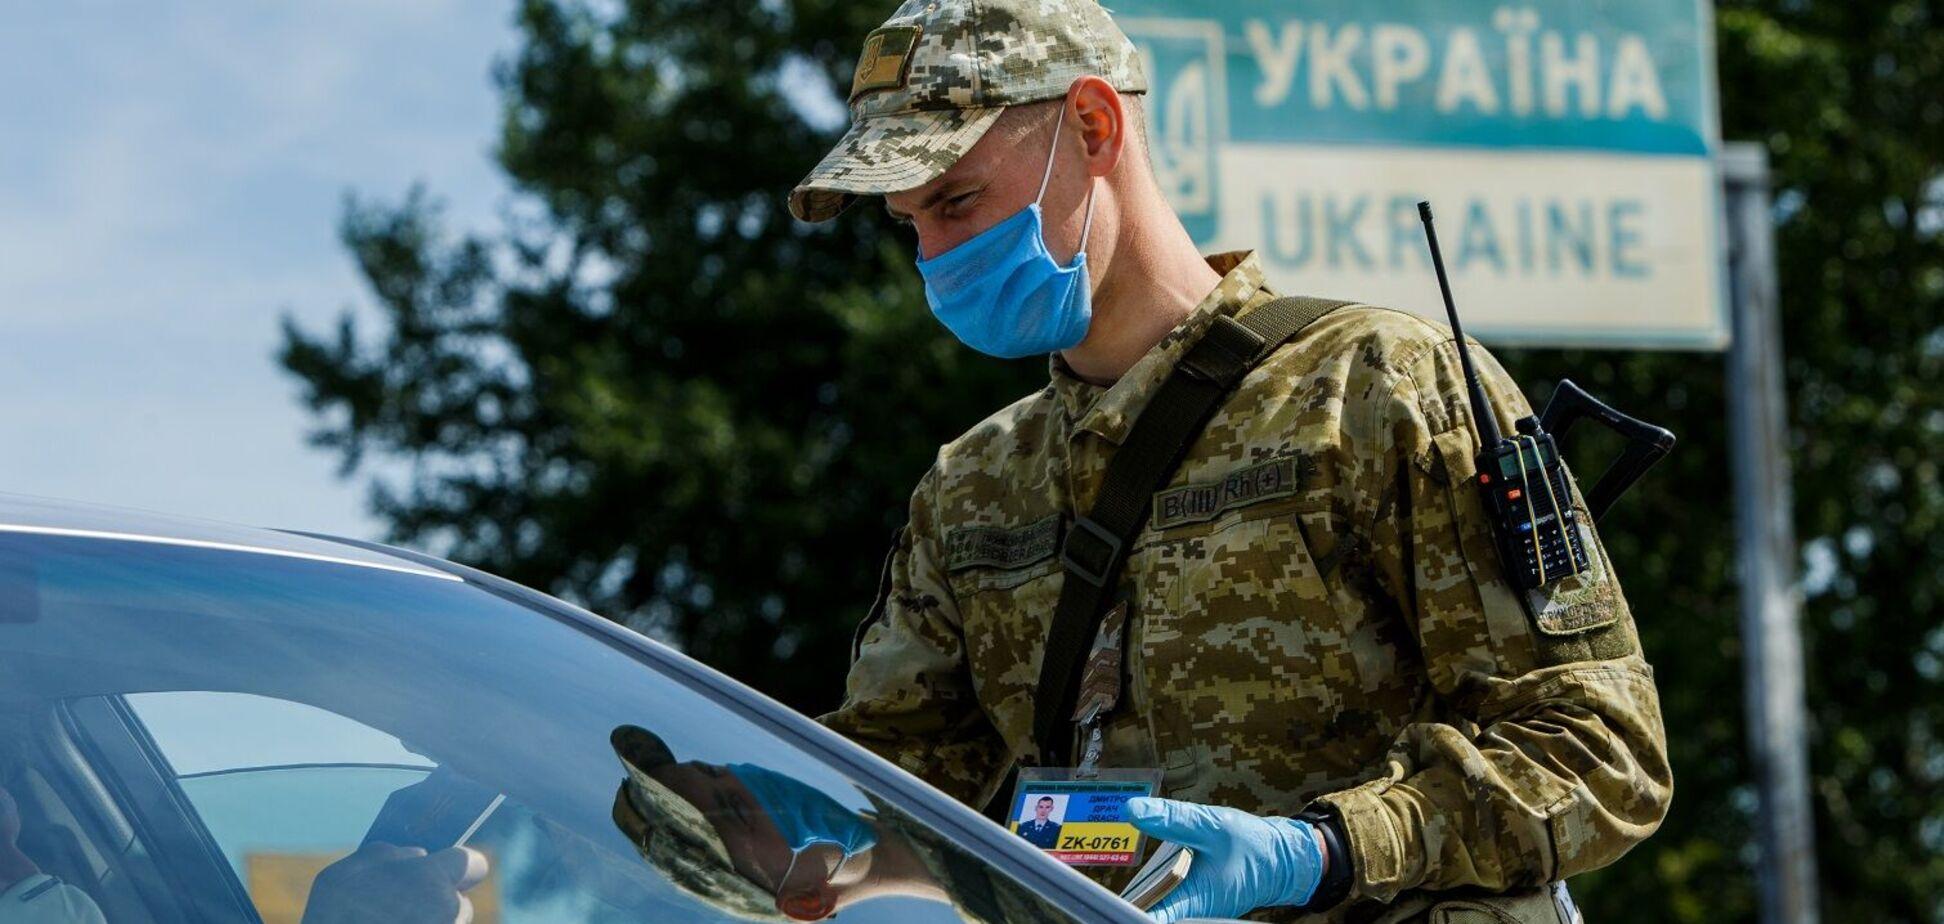 Україна спростила іноземцям перетин кордону в період карантину: які документи необхідні